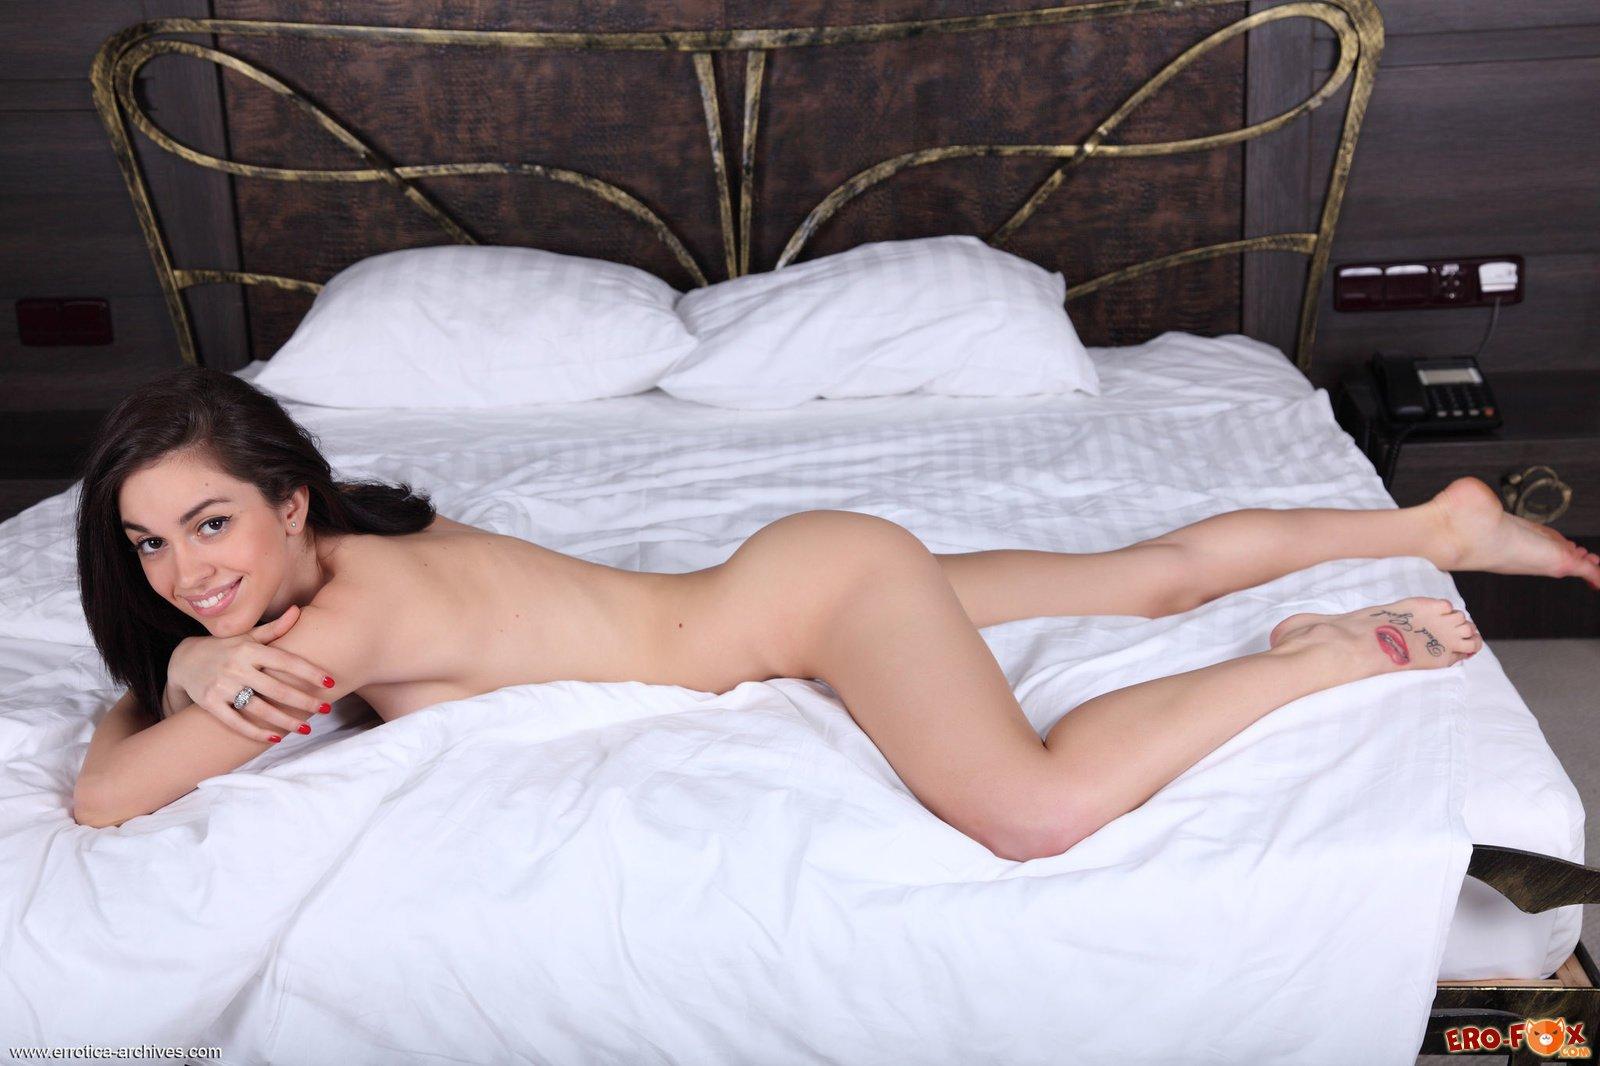 Голая брюнетка в постели своей спальни